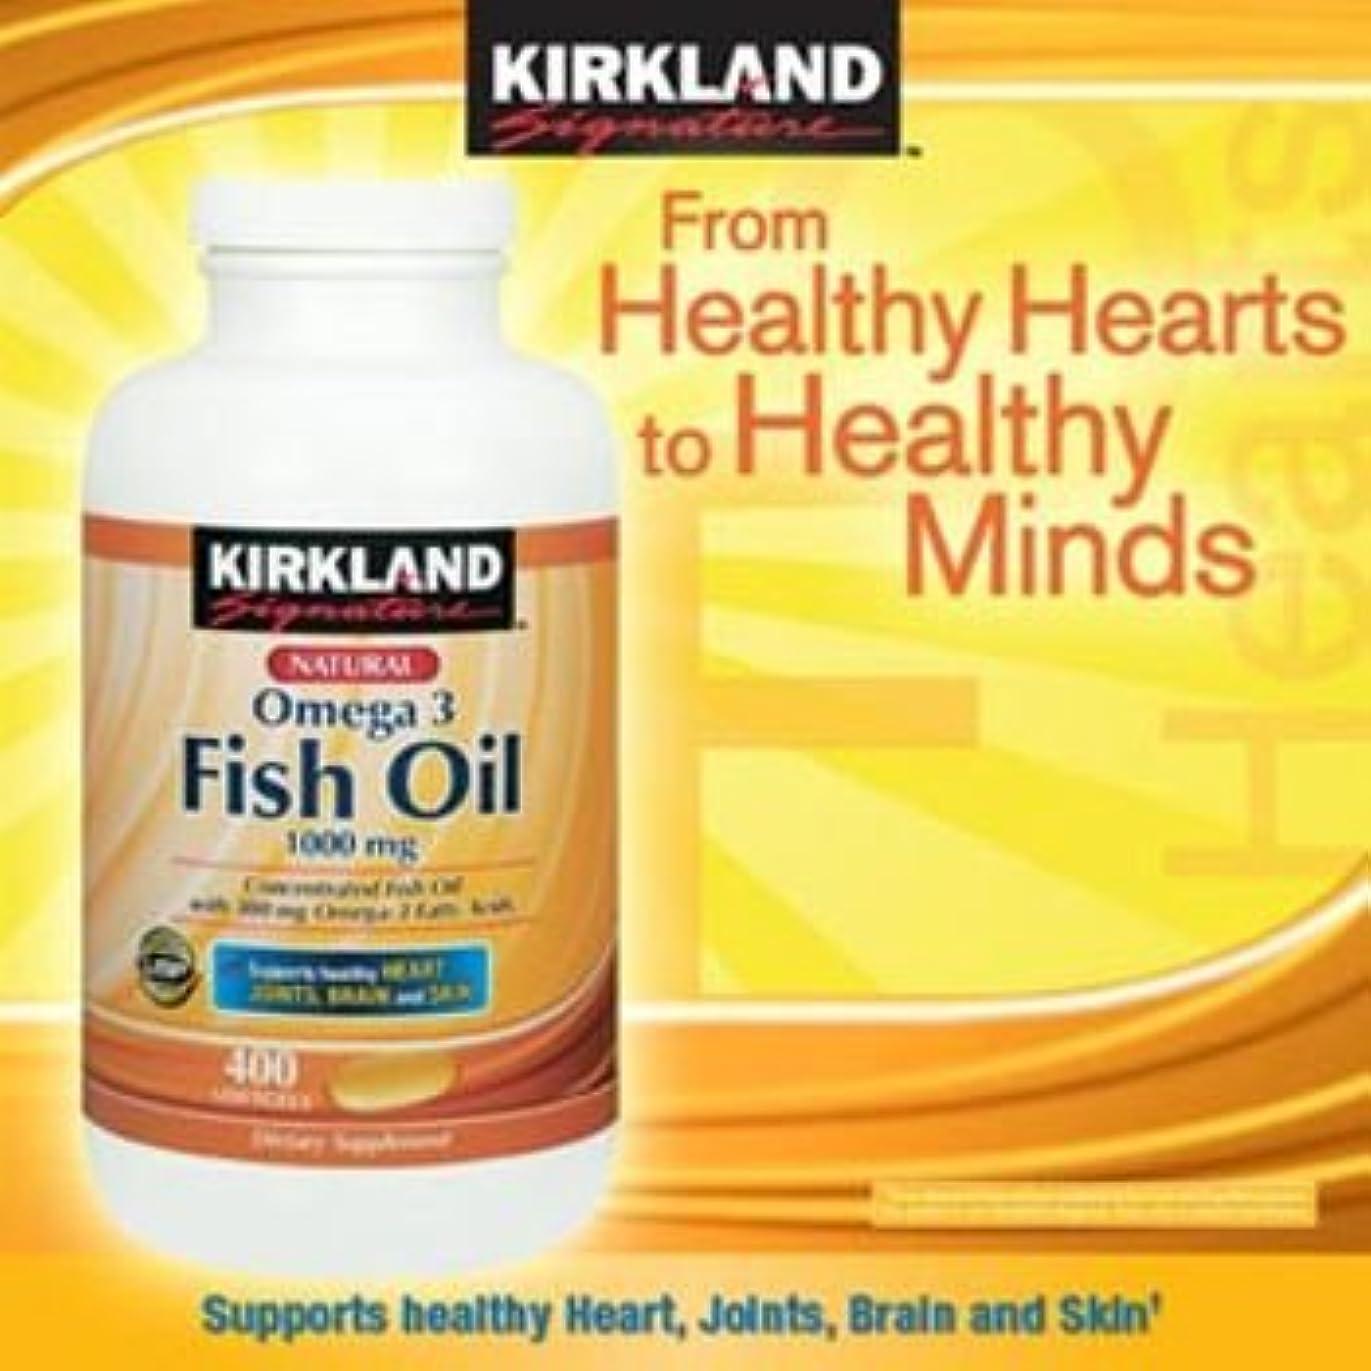 クルー才能のあるお金KIRKLAND社 フィッシュオイル (DHA+EPA) オメガ3 1000mg 400ソフトカプセル 3本 [並行輸入品] [海外直送品] 3 Bottles of KIRKLAND's Fish Oil (DHA +...